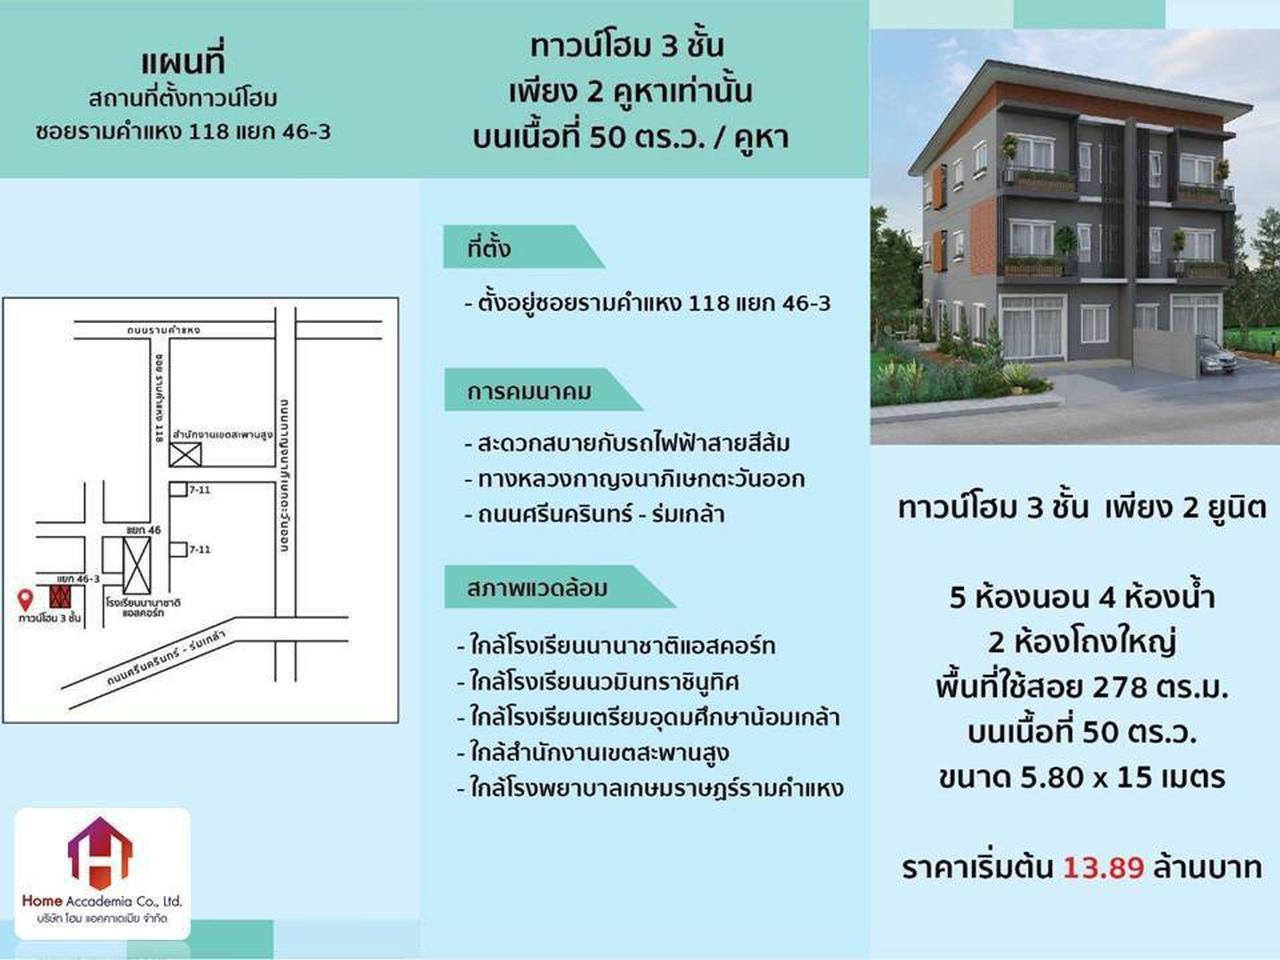 ขายทาวน์โฮม 3 ชั้น (บ้านมือ 1 เหลือเพียง 2 คูหาเท่านั้น) ซอยรามคำแหง 118 แยก 46-3 รูปที่ 2